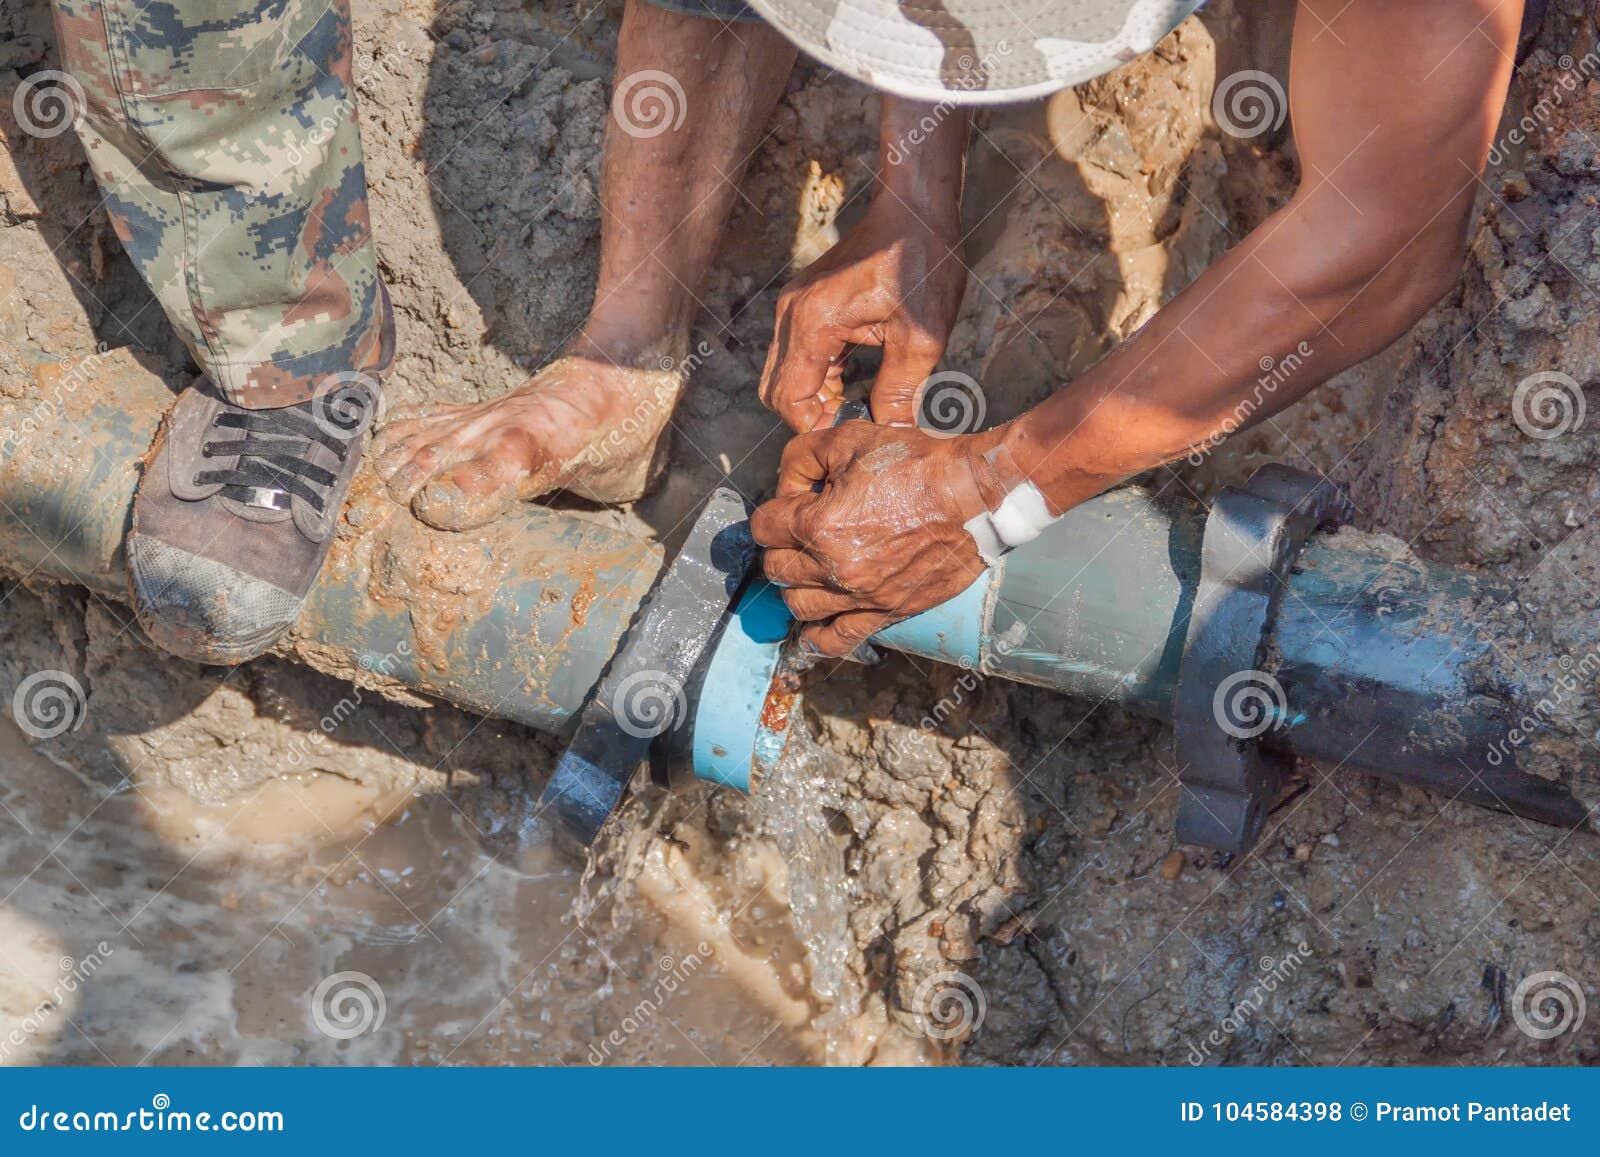 La jambe de réparation de travailleurs frappent du pied sur mettre d aplomb cassée pour trouer la fuite de l eau de difficulté à